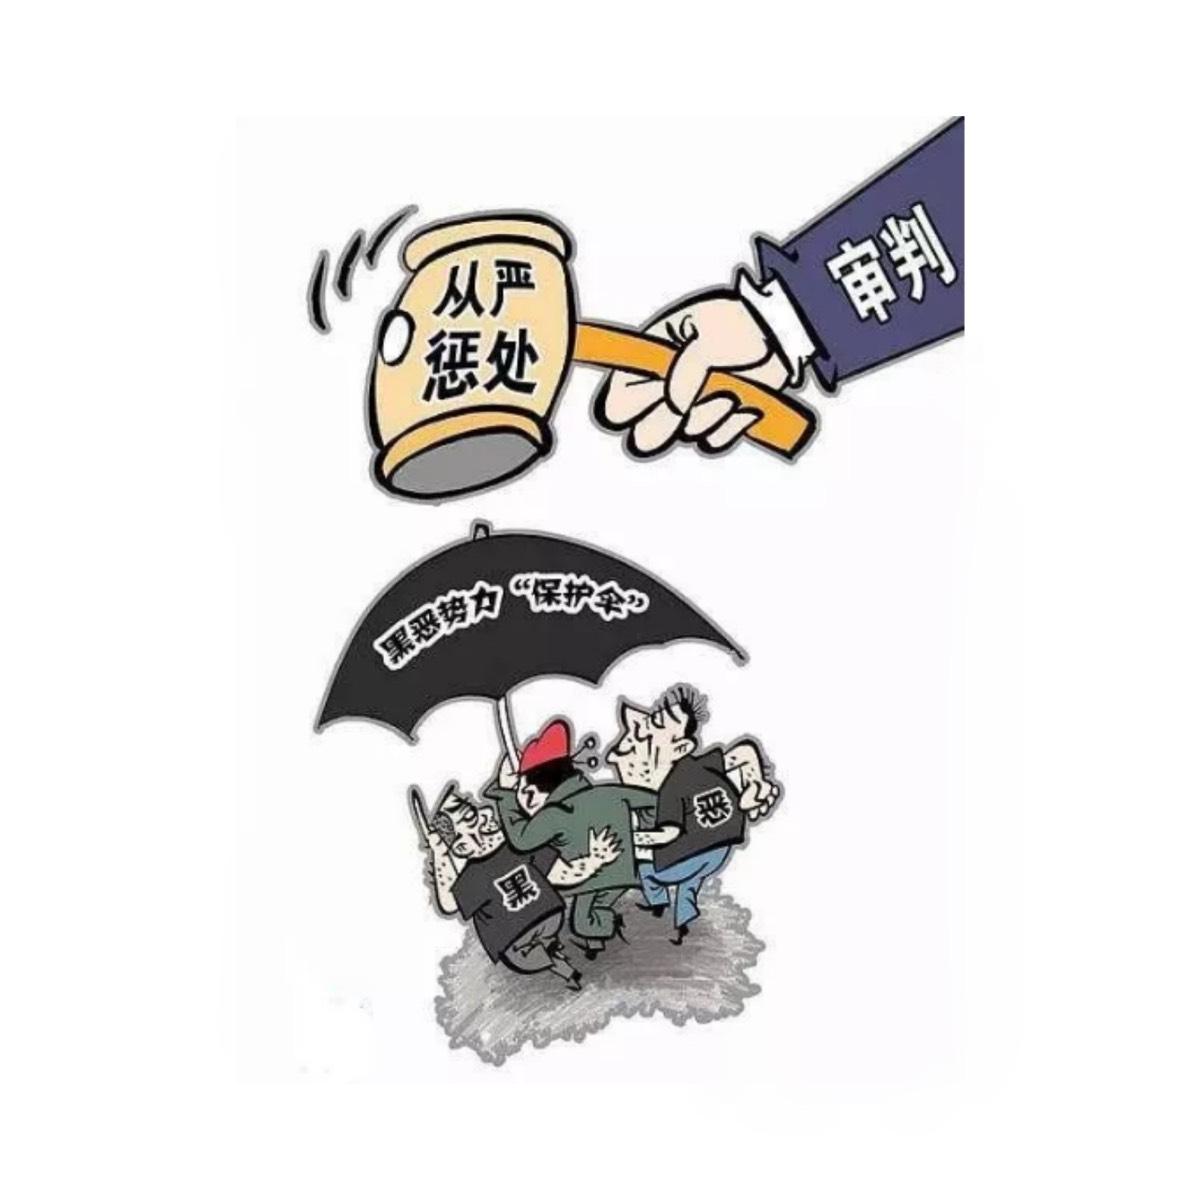 河北邢台锅炉爆炸_邢台123赵麻村_邢台123贴吧_邢台123黑社会_邢台信息港123 - www.aihei3w.com